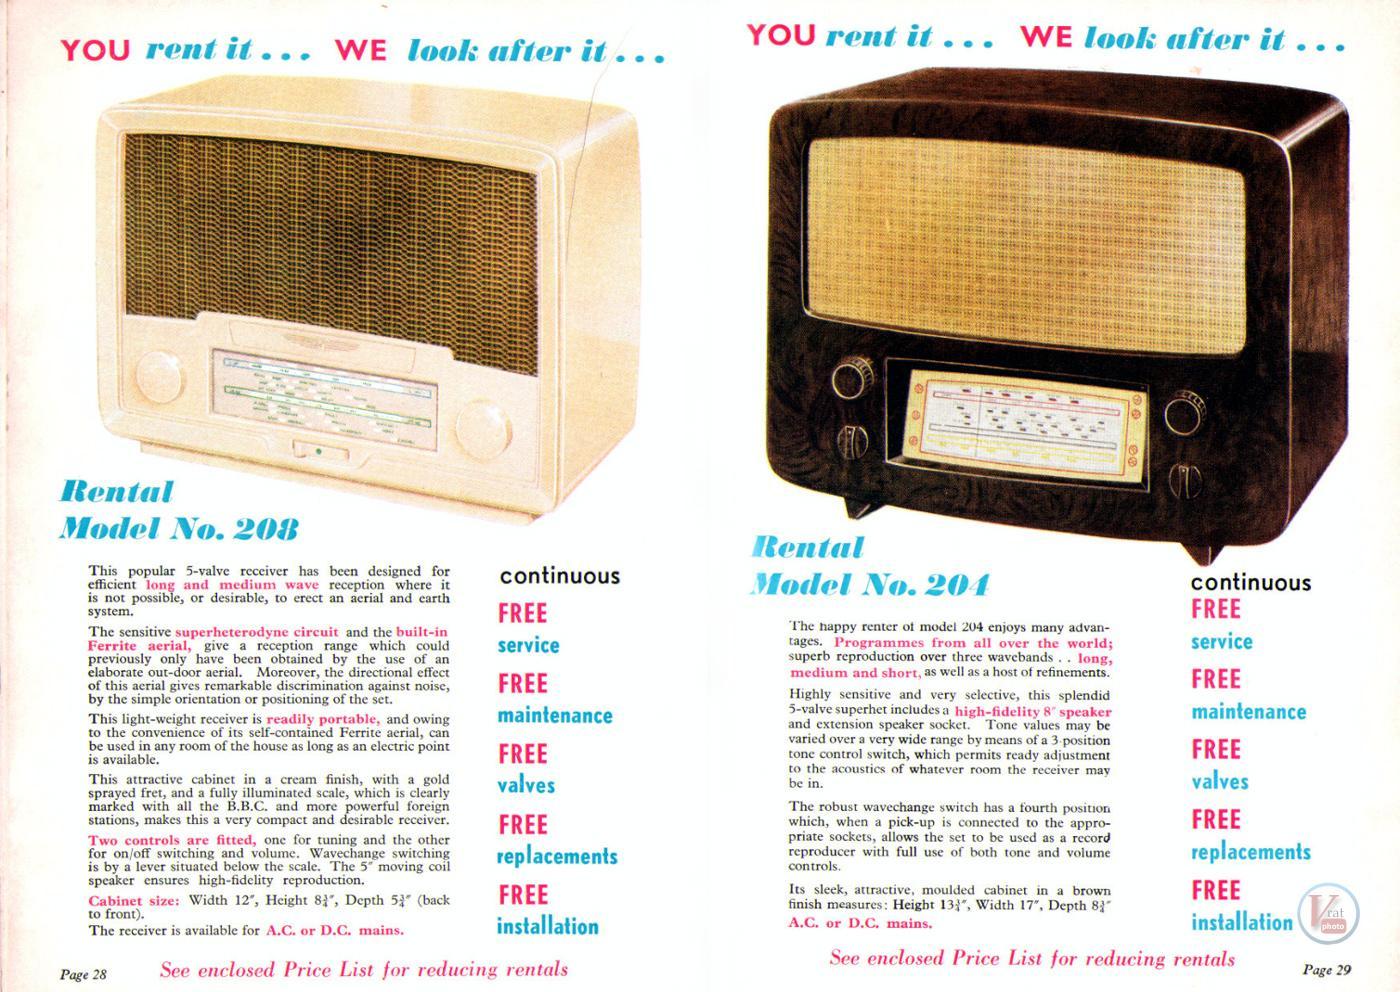 1957 Radio Rentals Catalogue 64